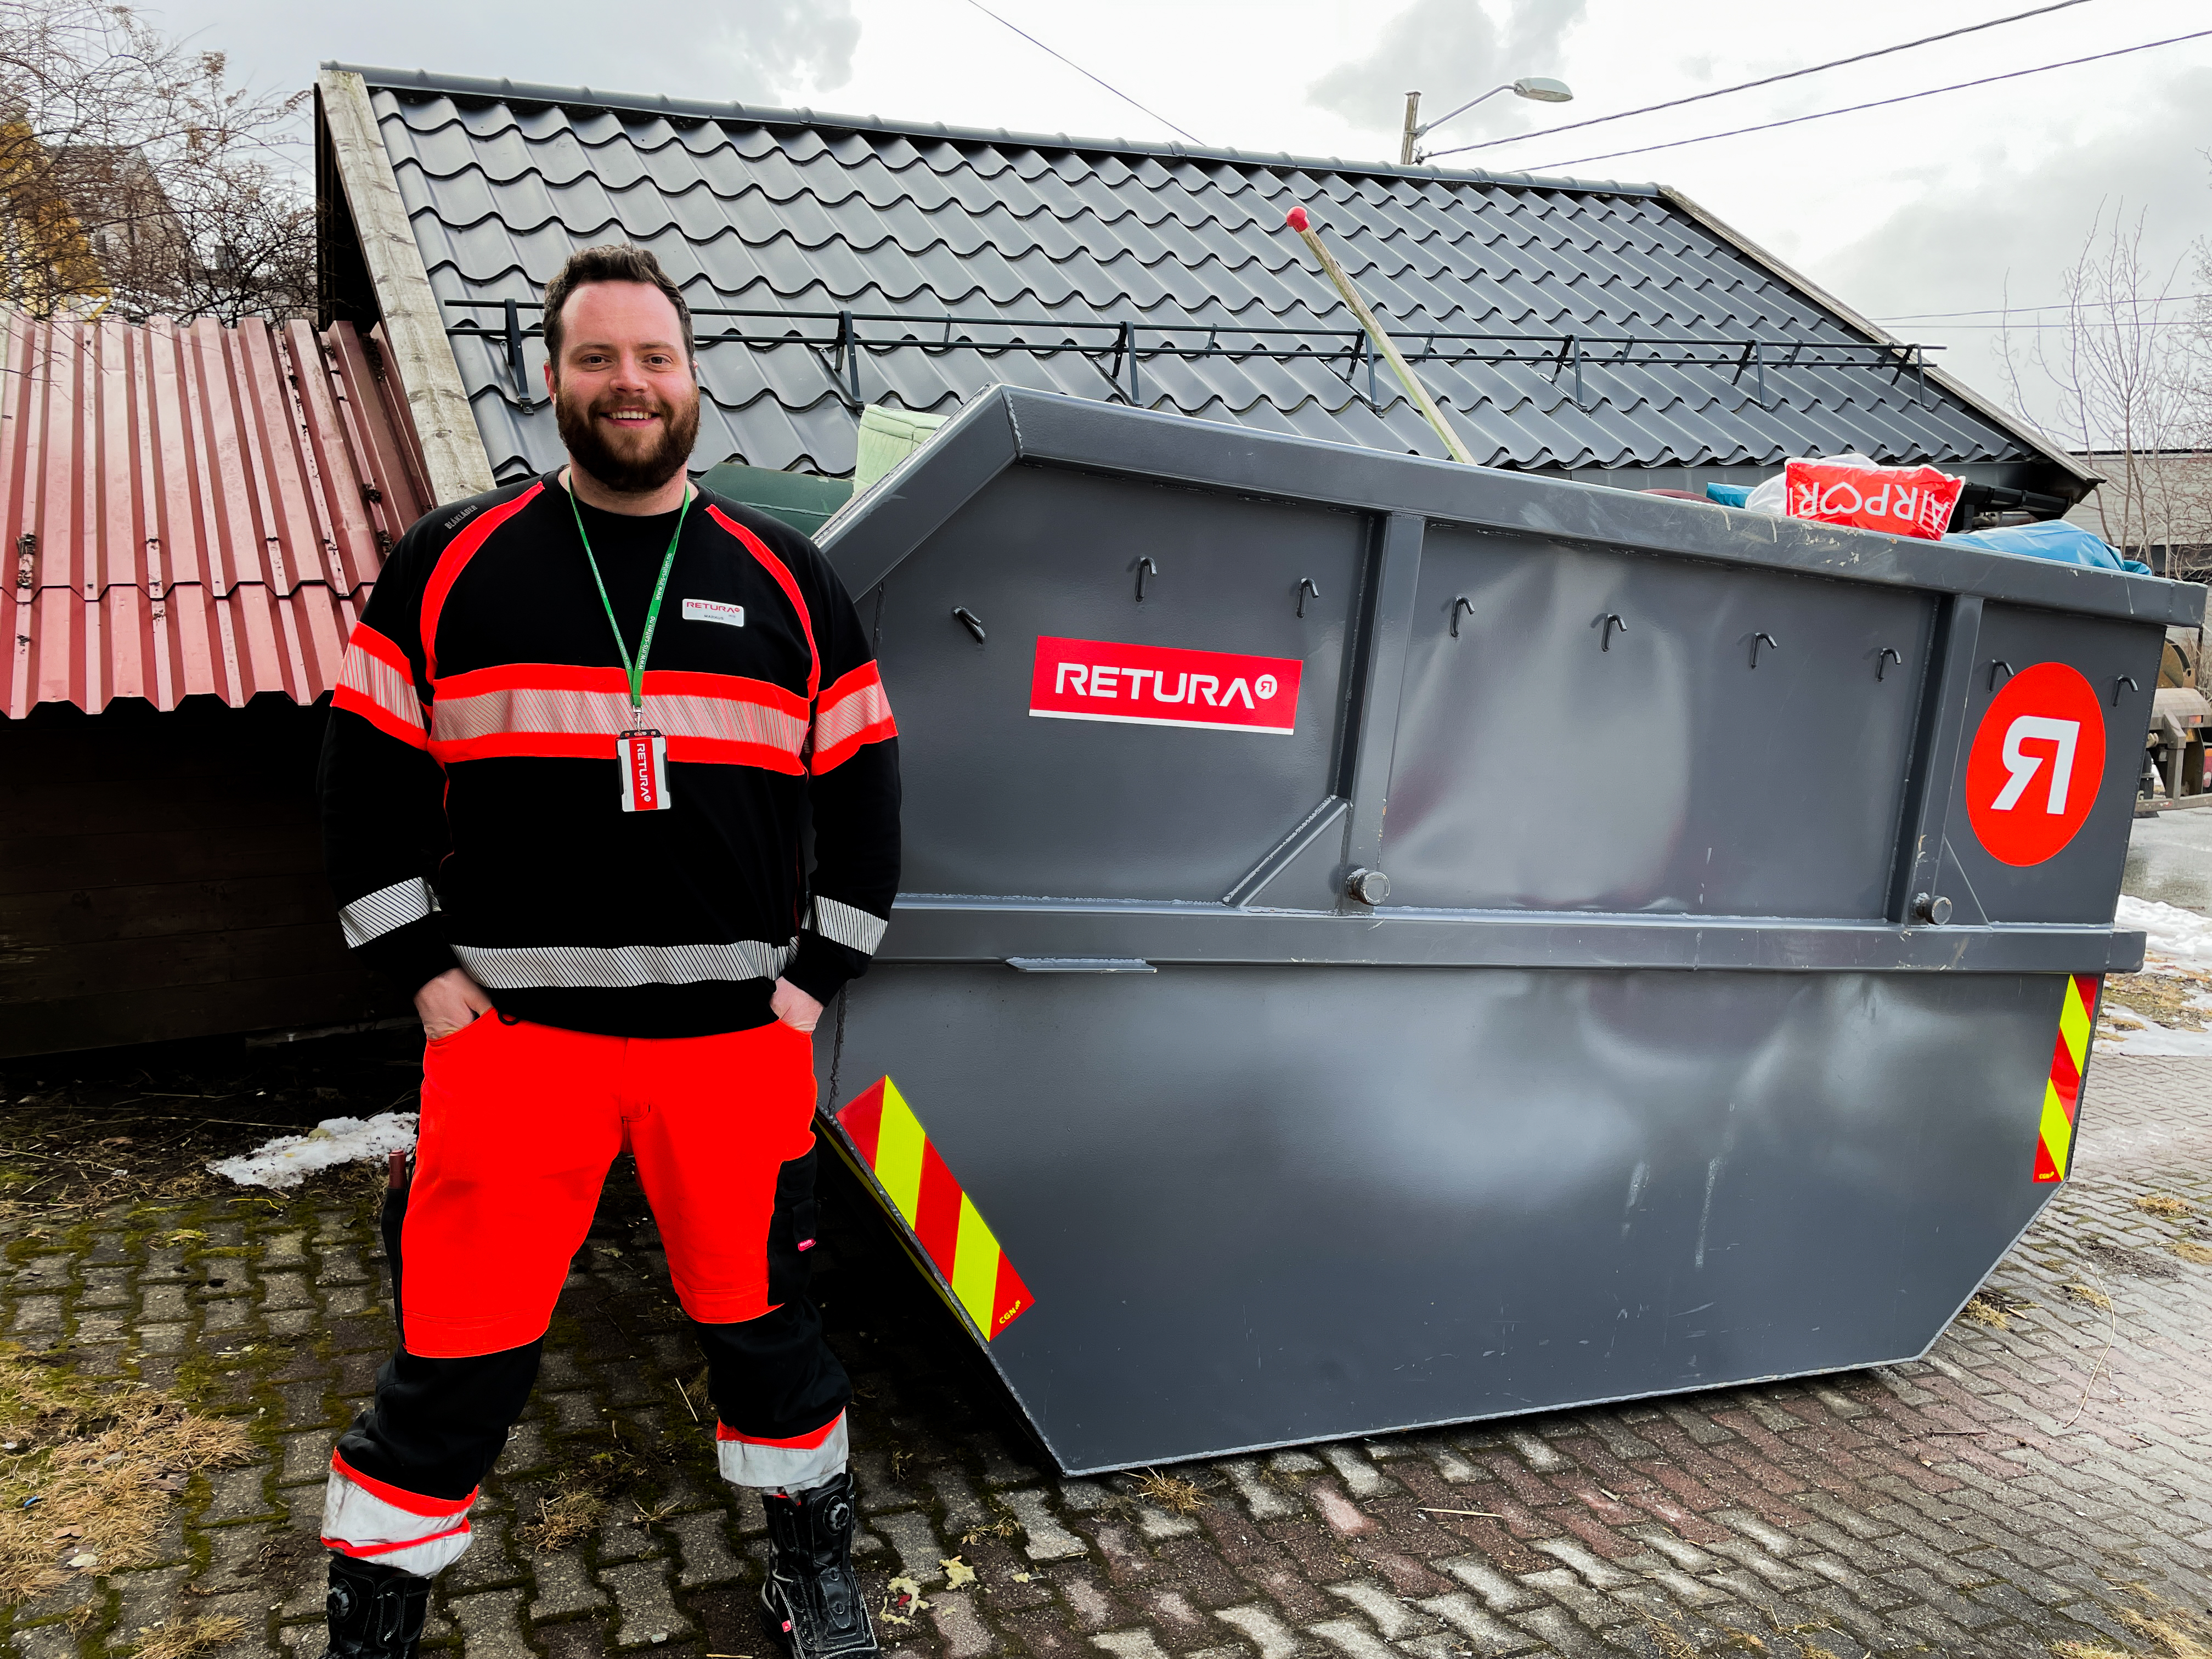 Retura Iris sjåfør ved ryddecontainer